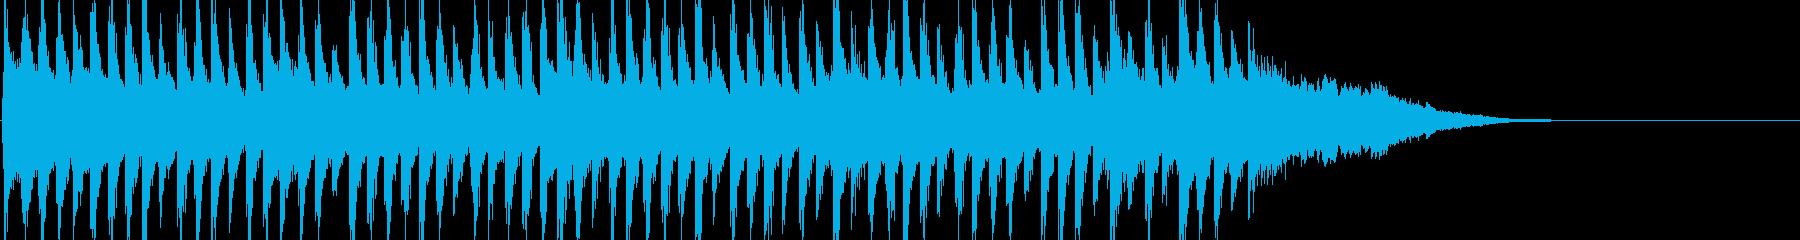 ベルとアコギのクリスマス用ジングルの再生済みの波形